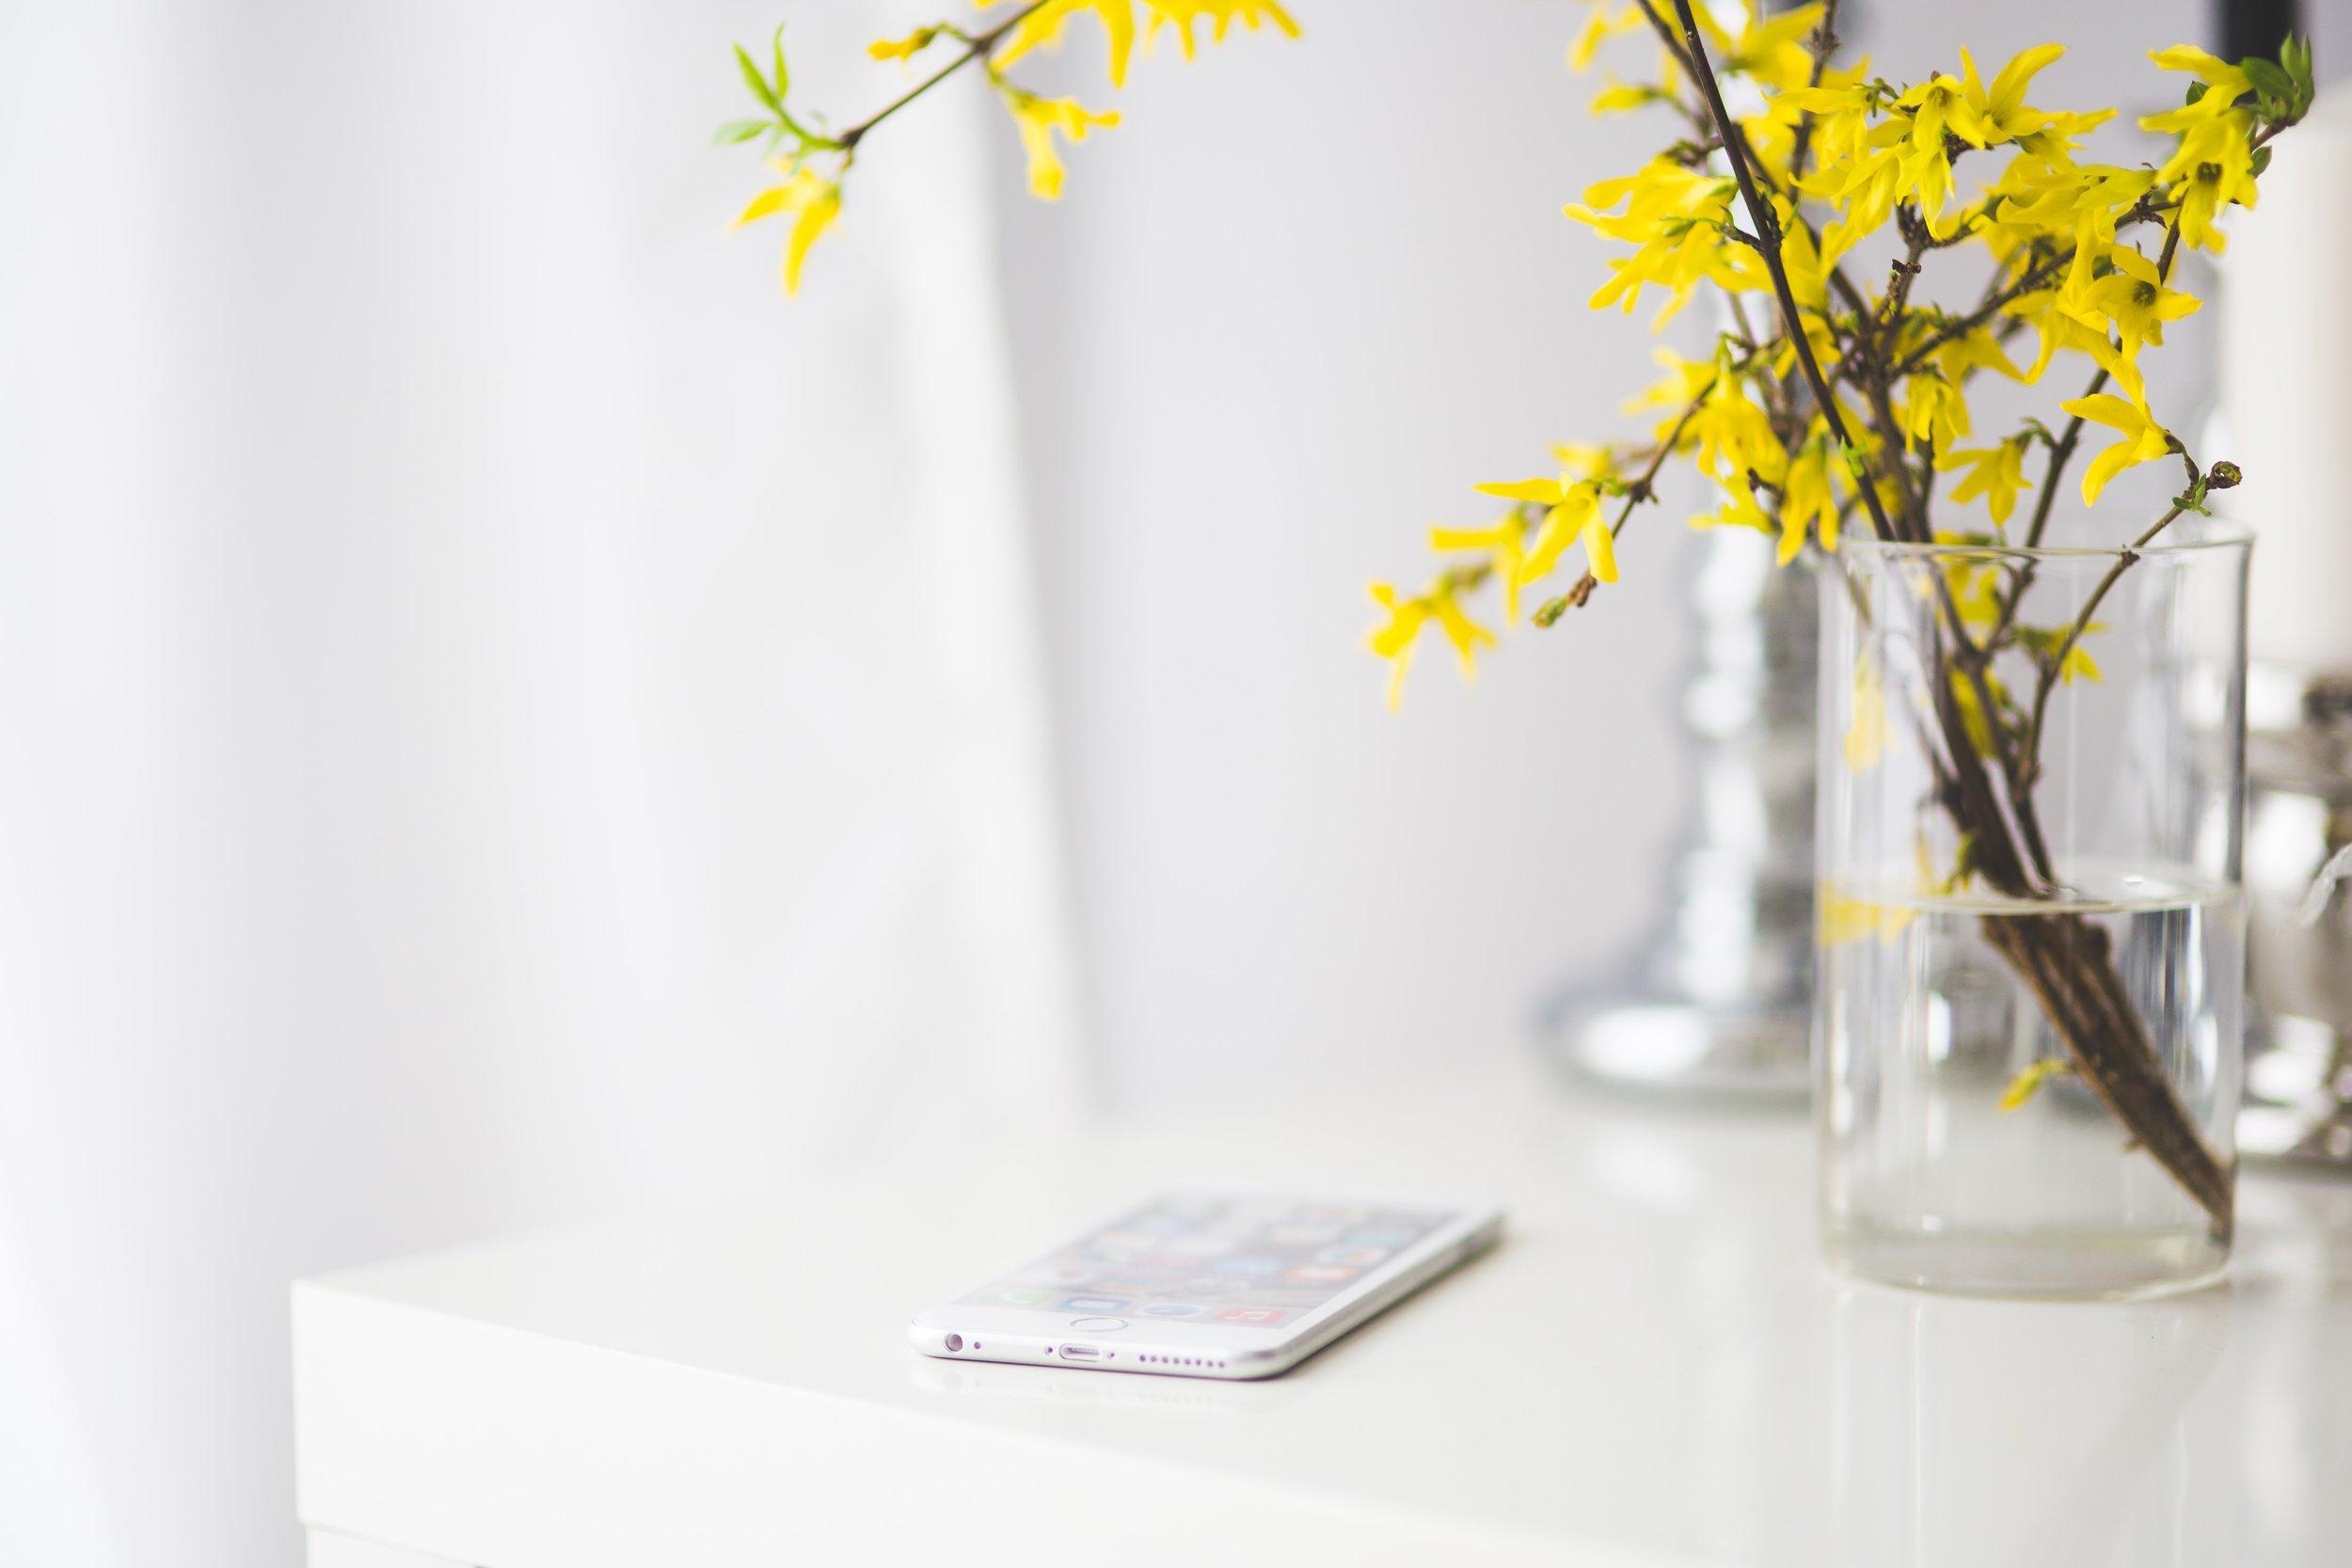 apple-desk-iphone-6443.jpg